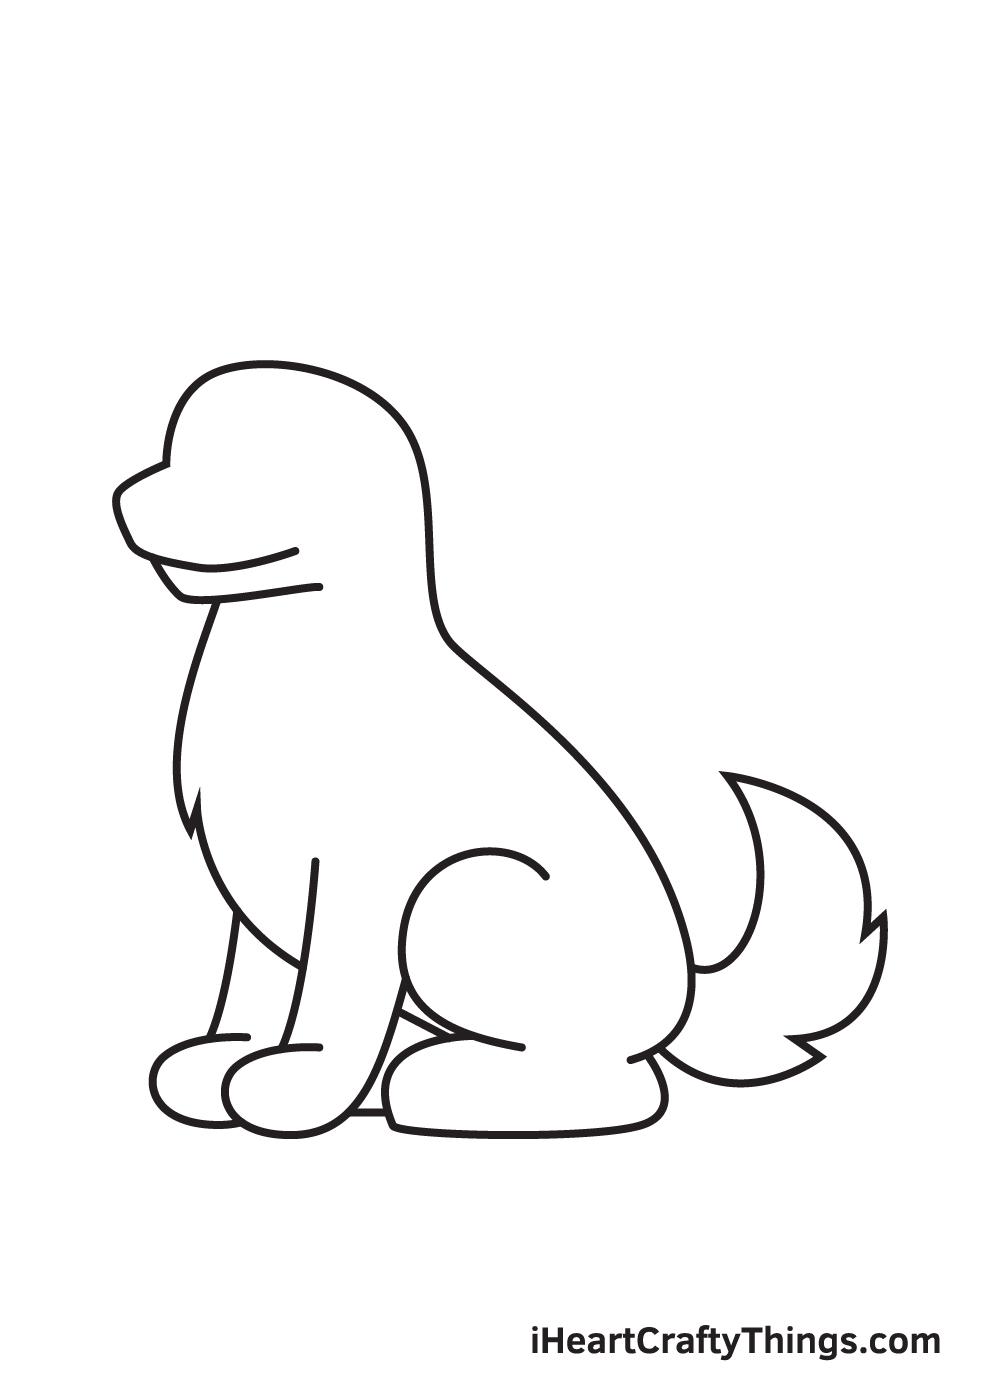 German Shepherd drawing - step 6